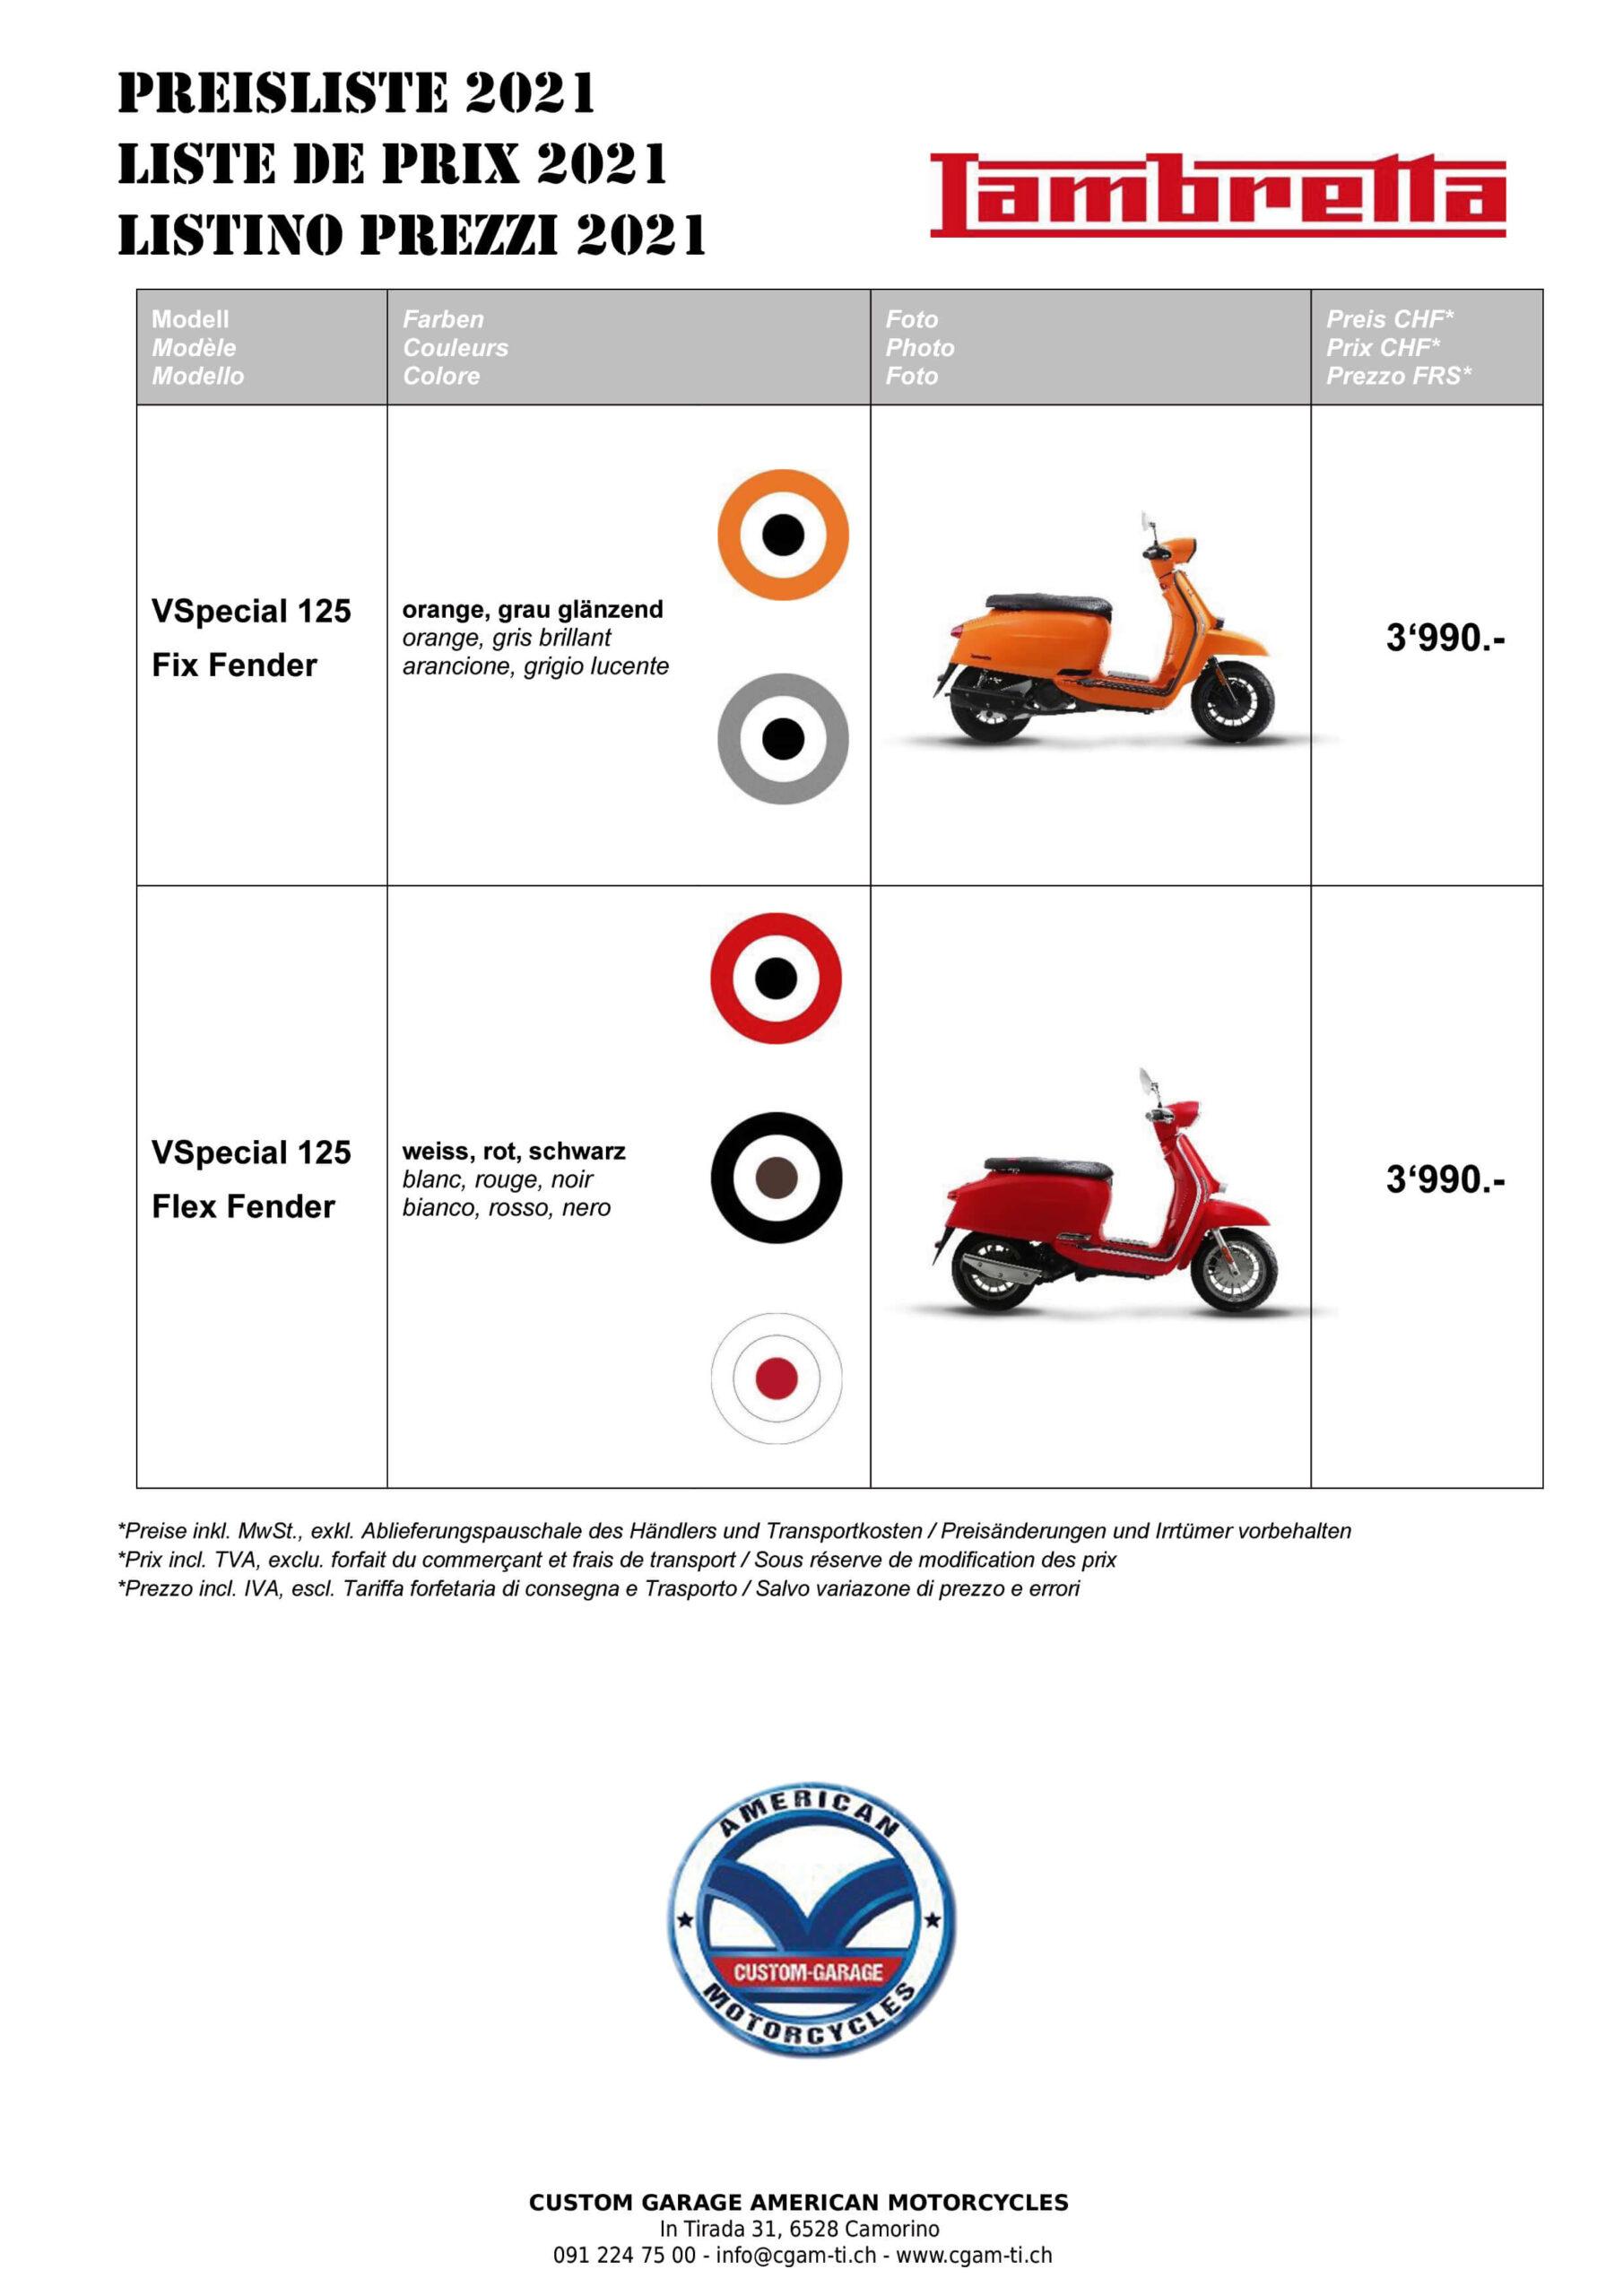 Listino Prezzi 2021 Lambretta